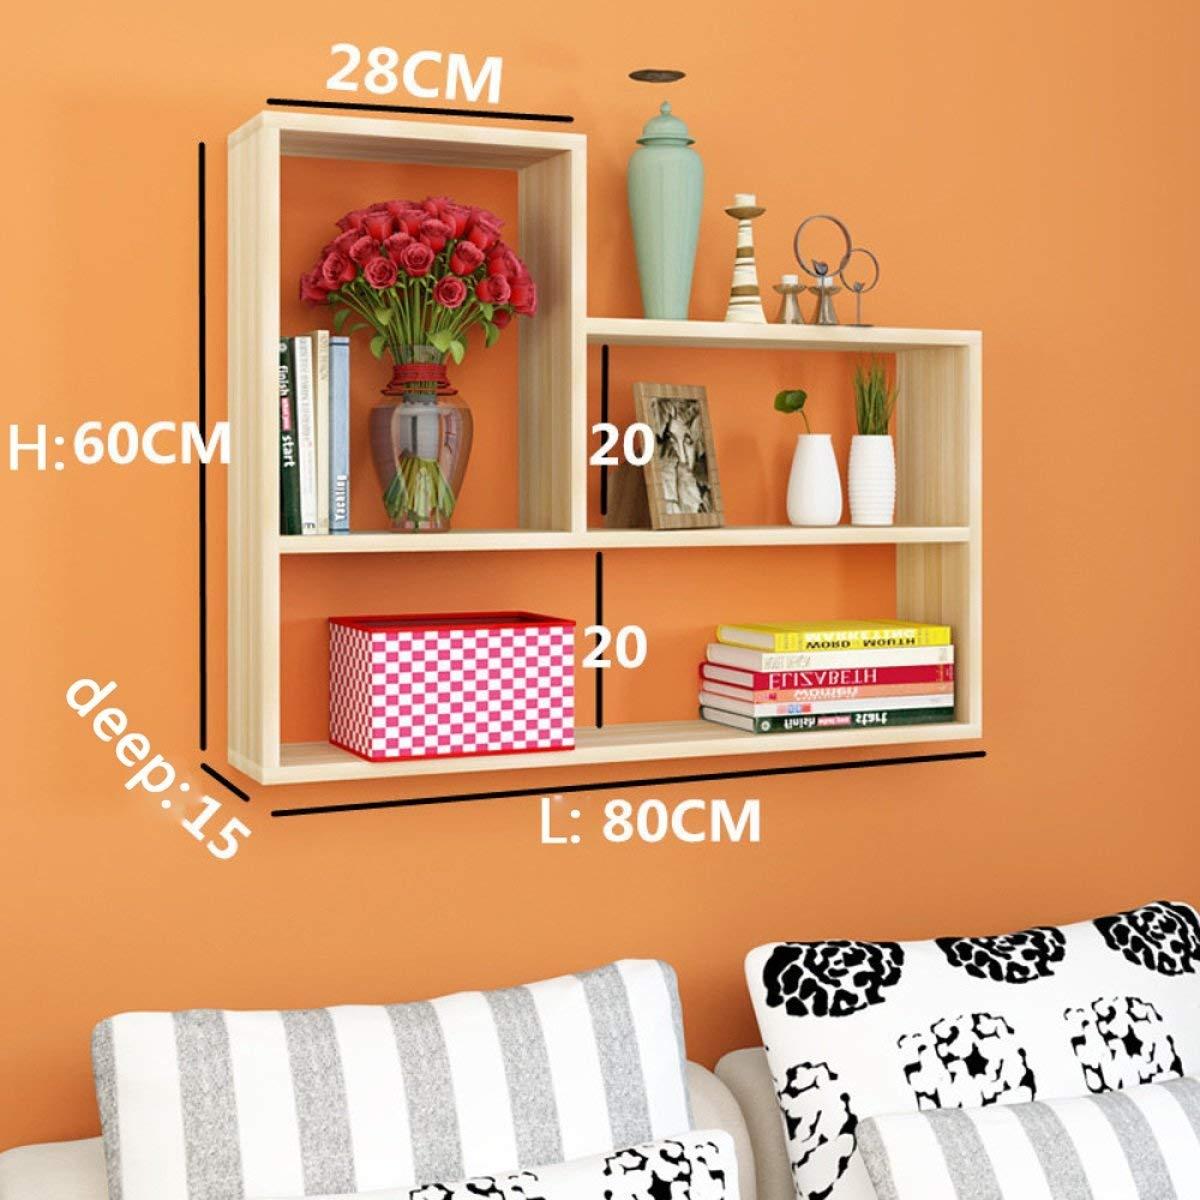 Beige Willesego Wandregal Wandregal Bücherregal Wandregal Wanddekoration Küche Schlafzimmer Kreativ (Farbe  Weiß) (Farbe   Beige, Größe   -)